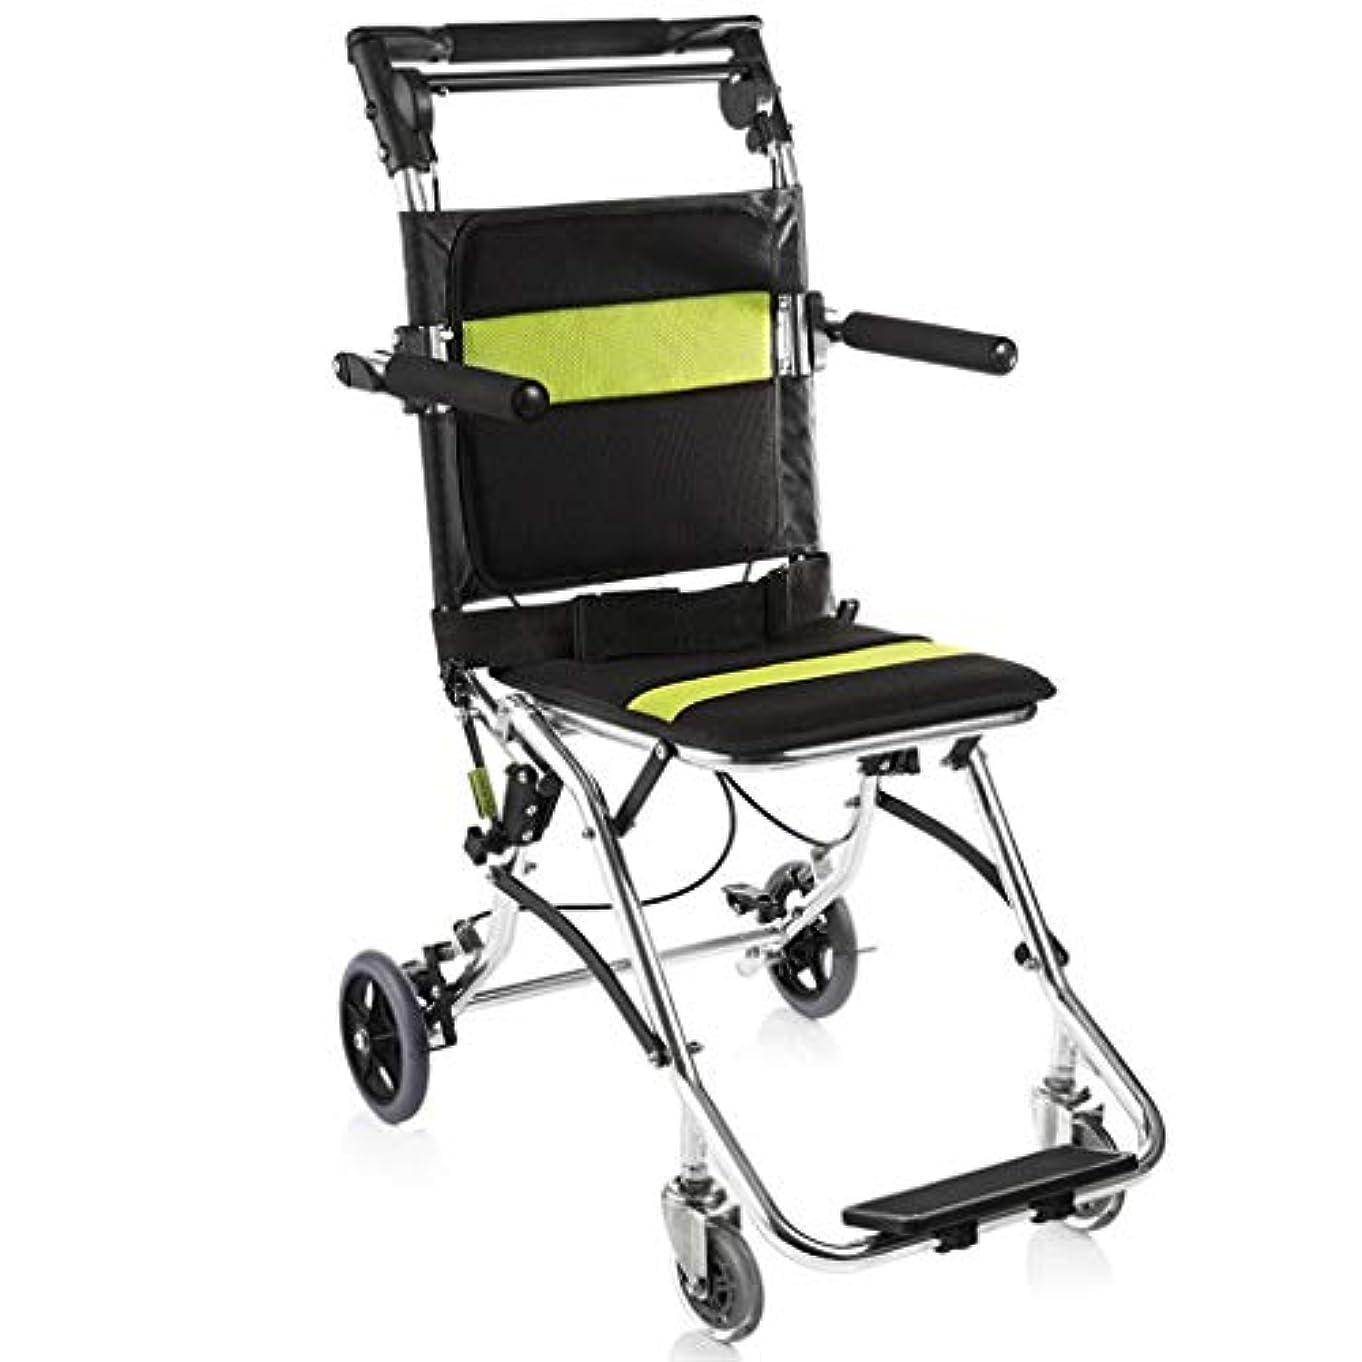 コマース脱走くさび車椅子折りたたみフルオブリーク/リクライニングデザイン、多機能高齢者ポータブルトロリー、四輪ブレーキ車椅子